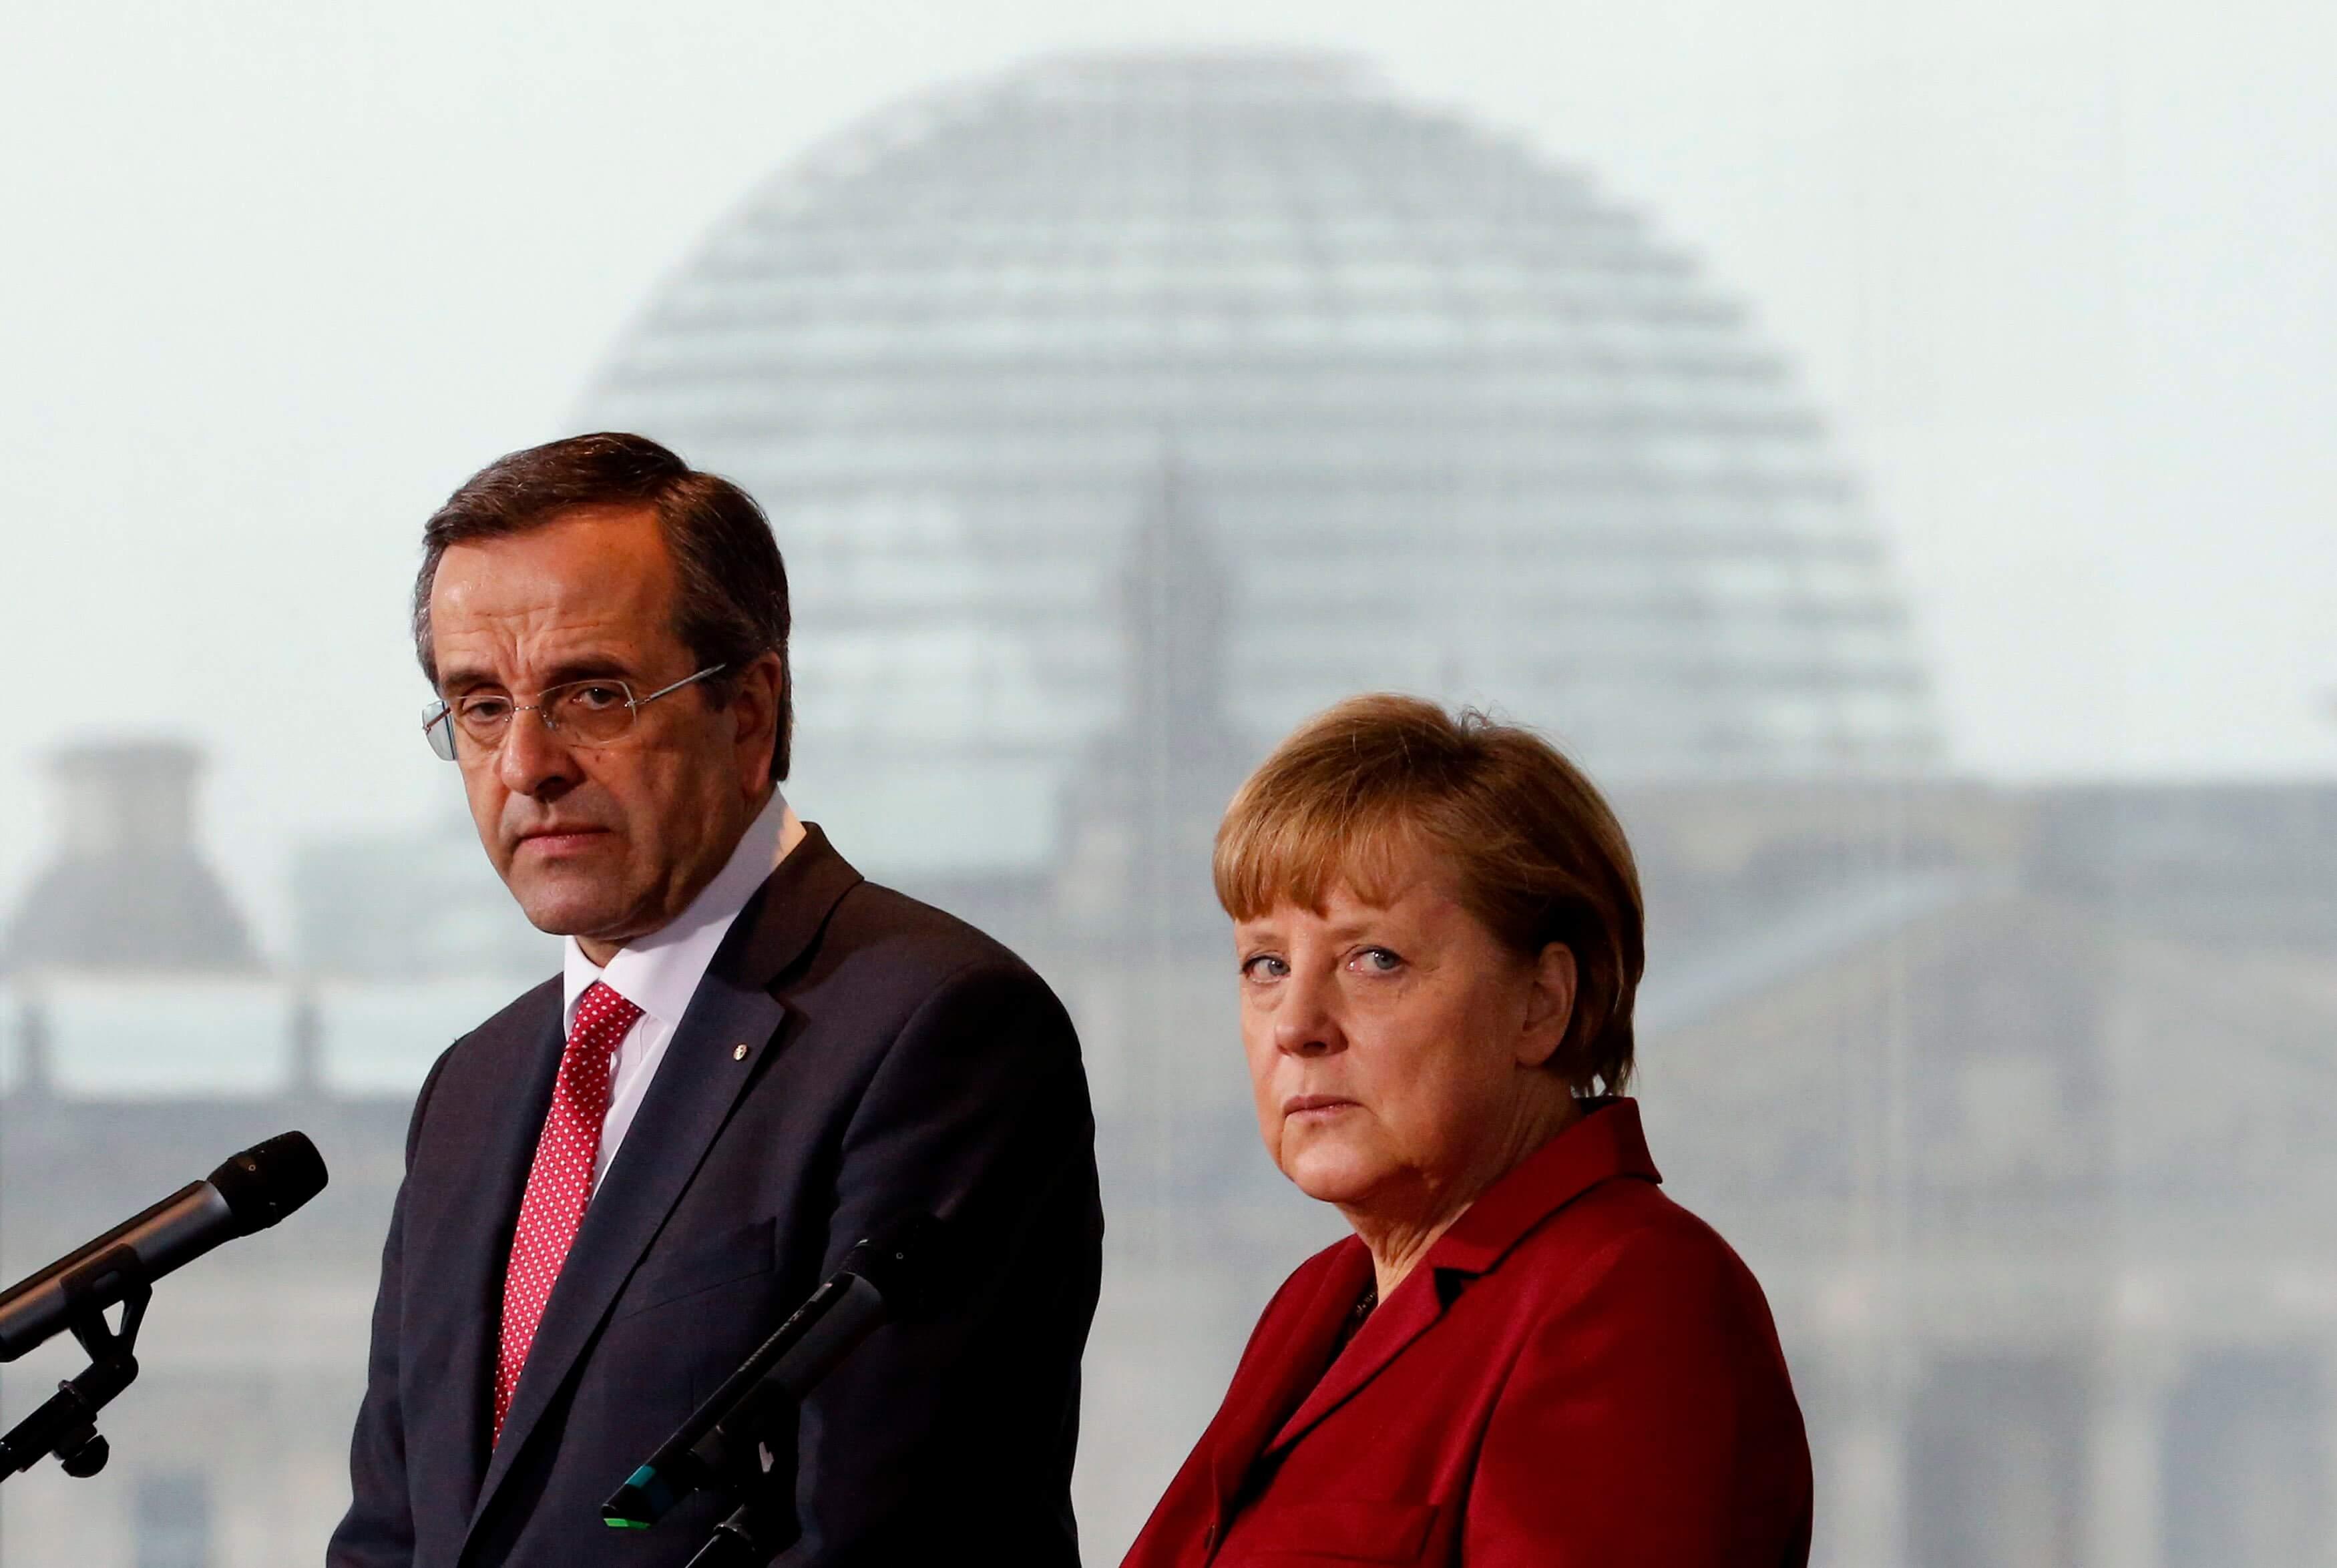 """Σαμαράς: Η Μέρκελ μου είχε προτείνει Grexit – Της είπα """"ξέχασε το"""" – video"""